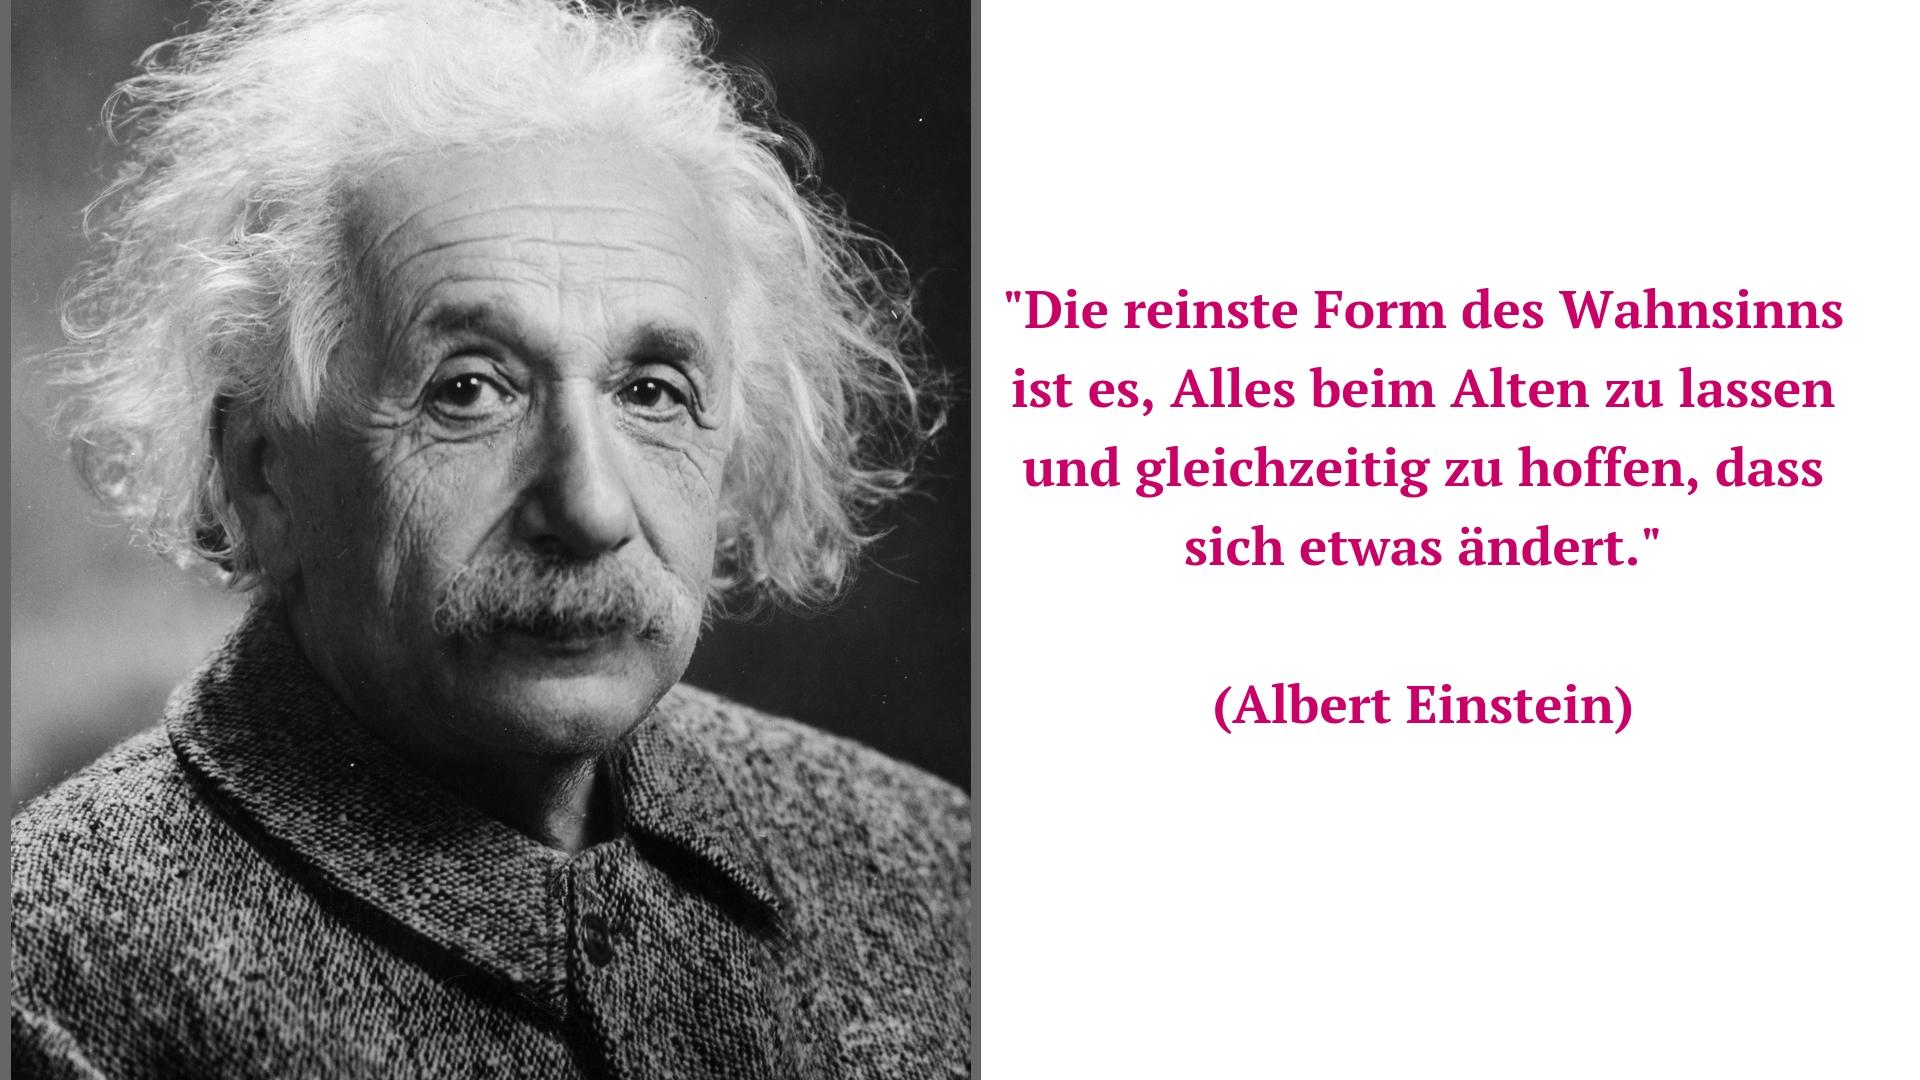 Albert Einstein: Die reinste Form des Wahnsinns